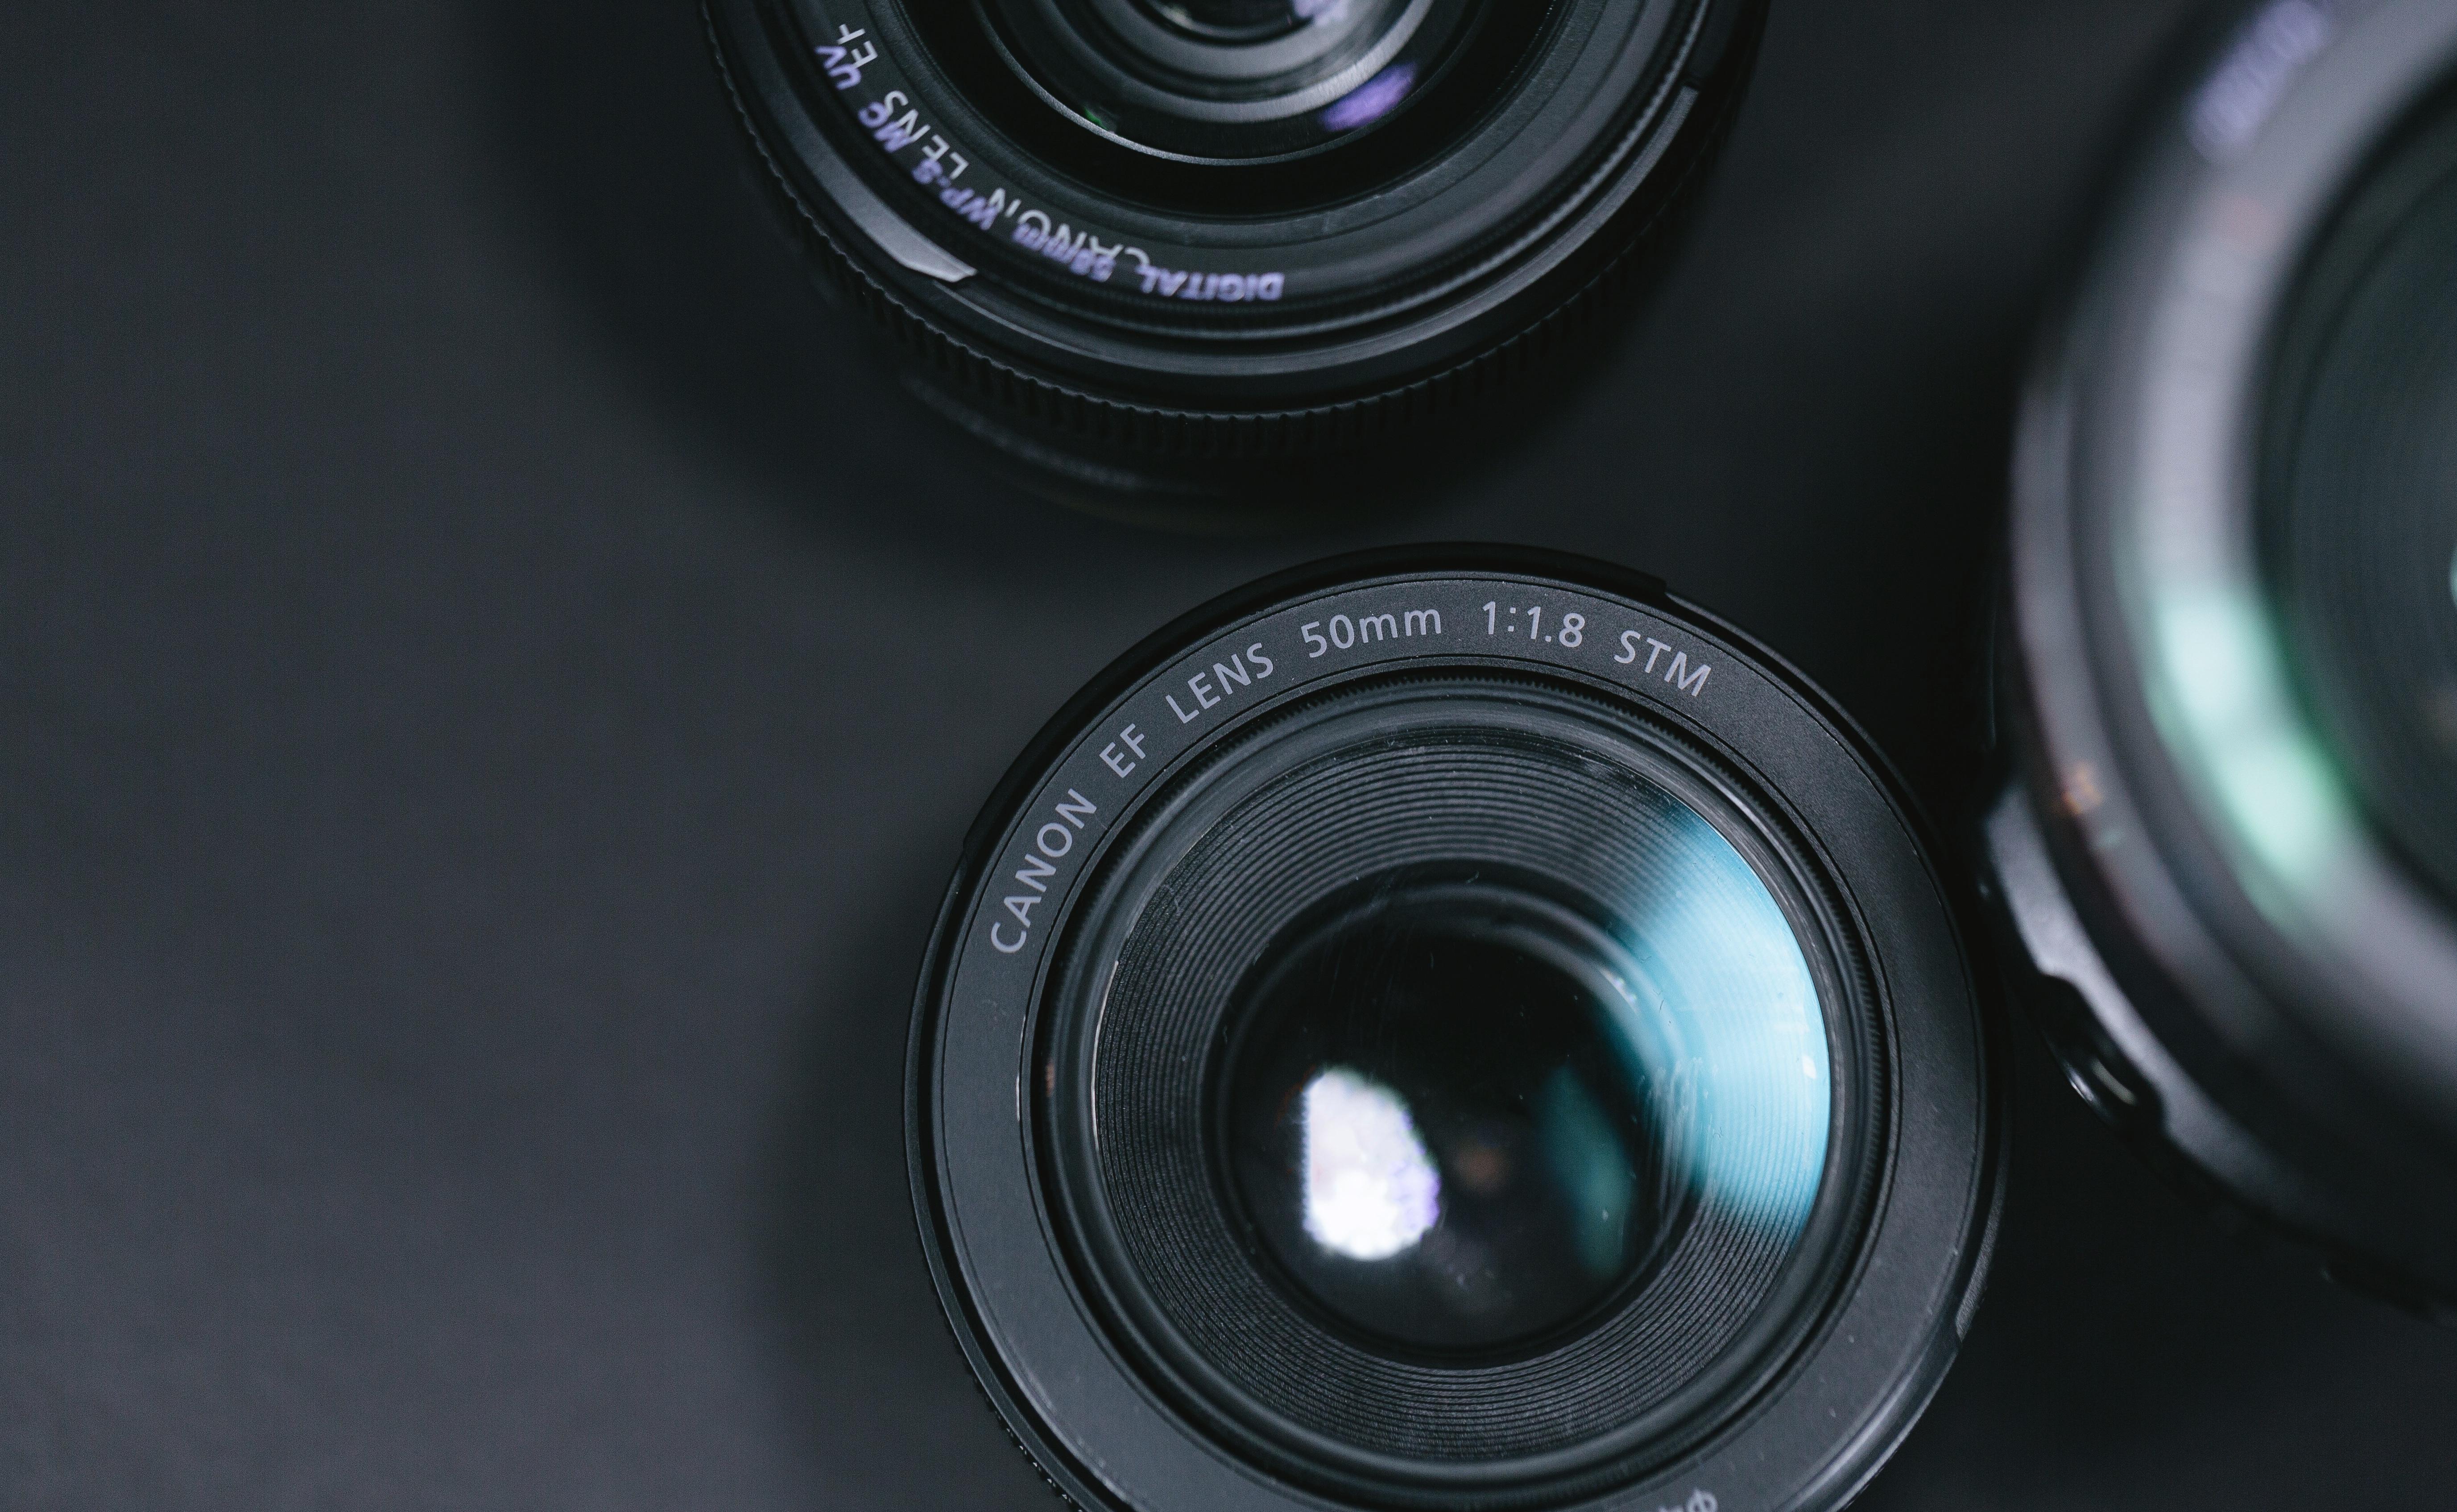 一眼レフなら単焦点レンズがおすすめ